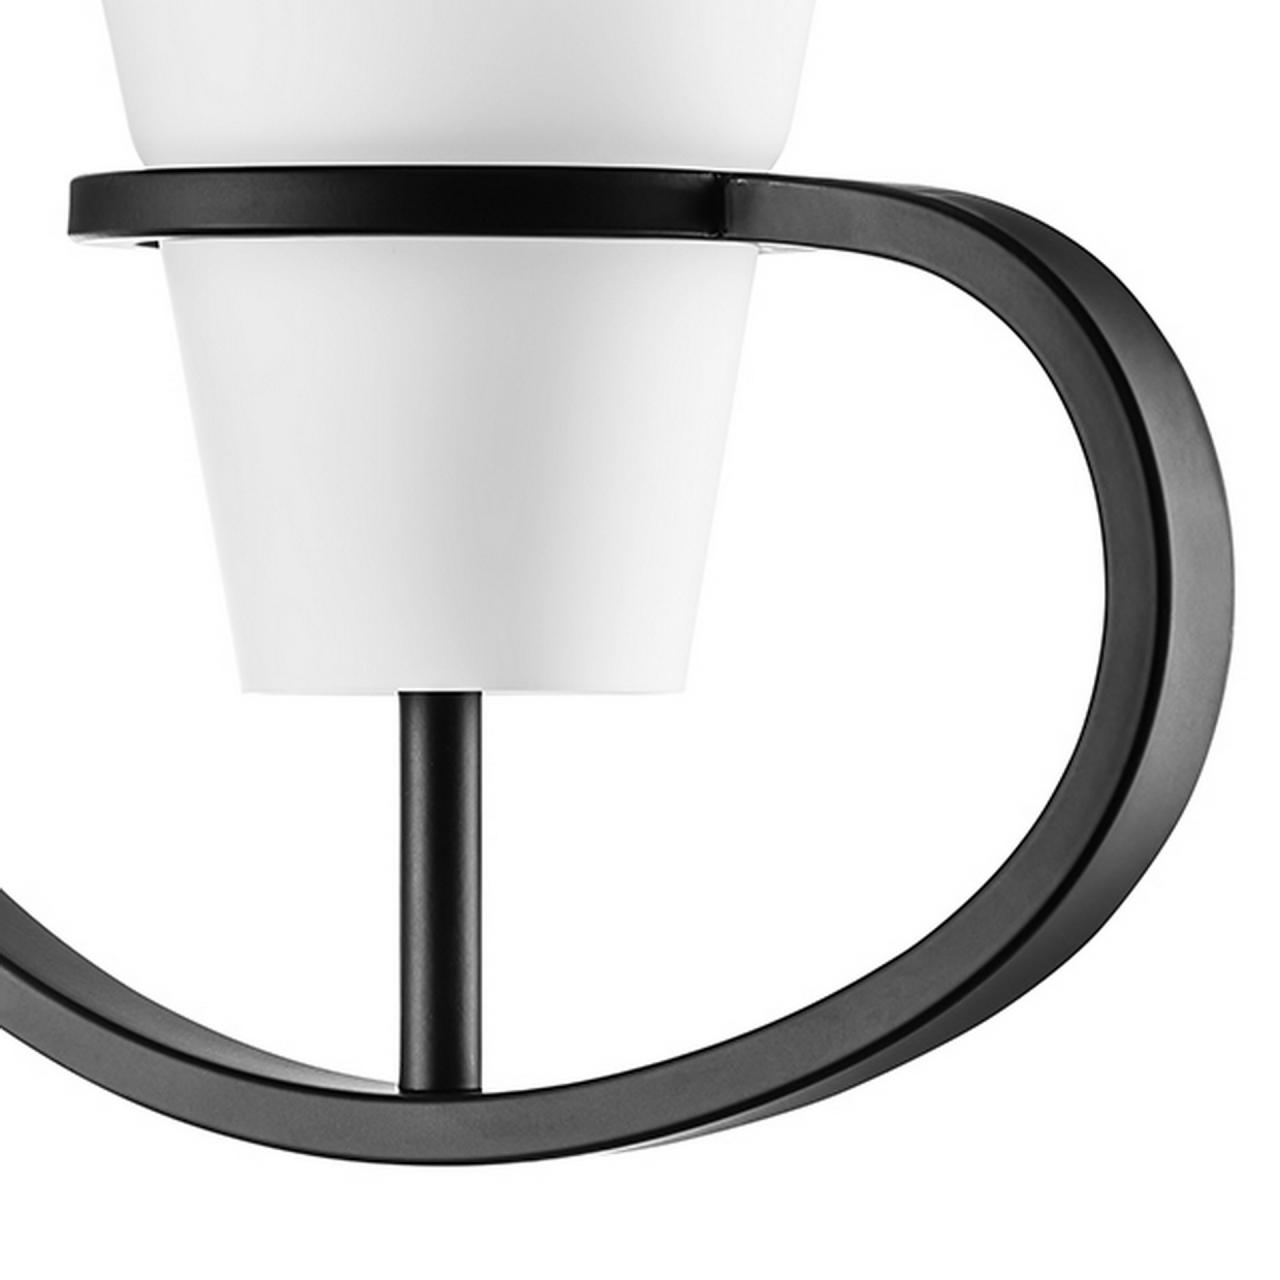 Бра FIACOLLA LightStar 733617 цвет - черный/белый